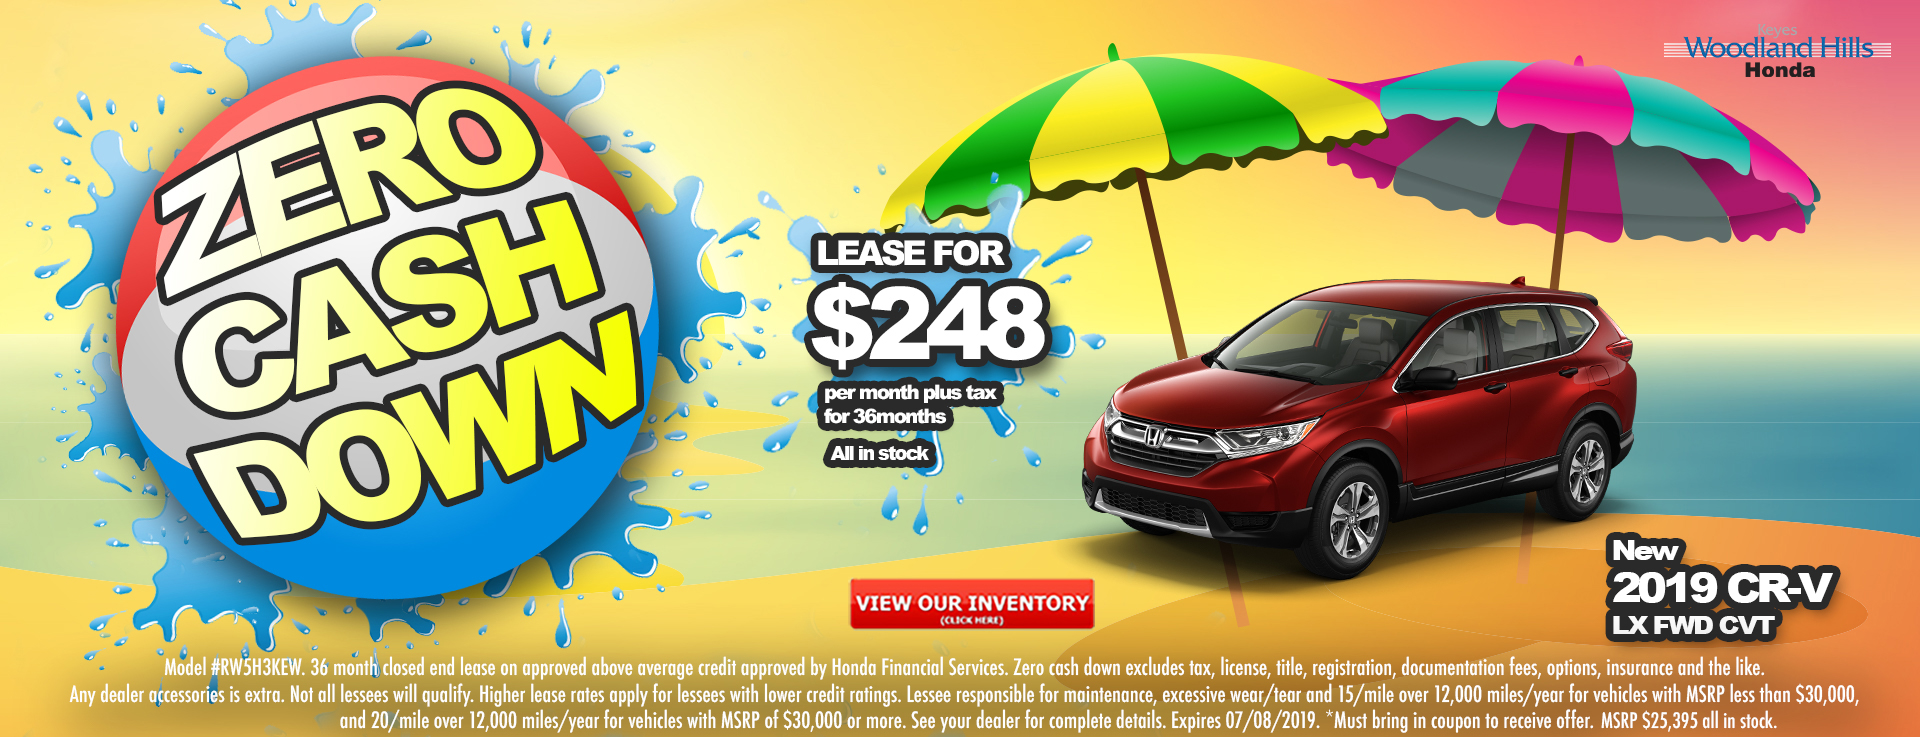 Honda CR-V $248 Lease